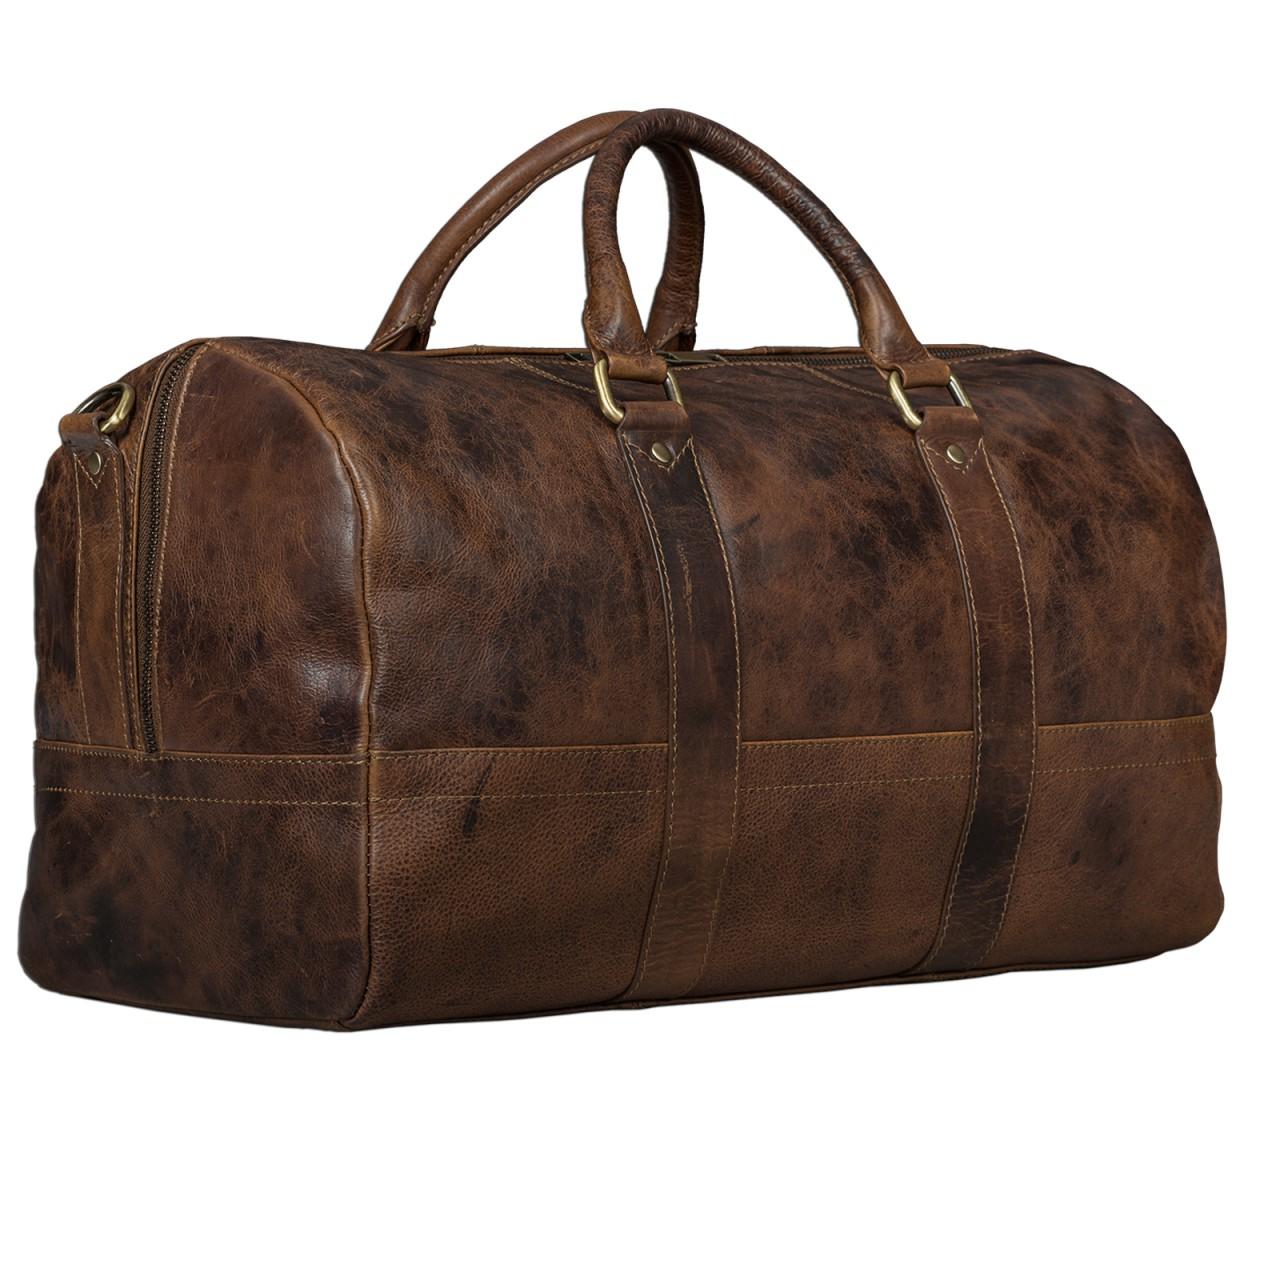 STILORD Leder Vintage Reisetasche Weekend Bag Urlaub Ledertasche Handgepäck Sporttasche Retro Weekender echtes Leder dunkelbraun - Bild 7